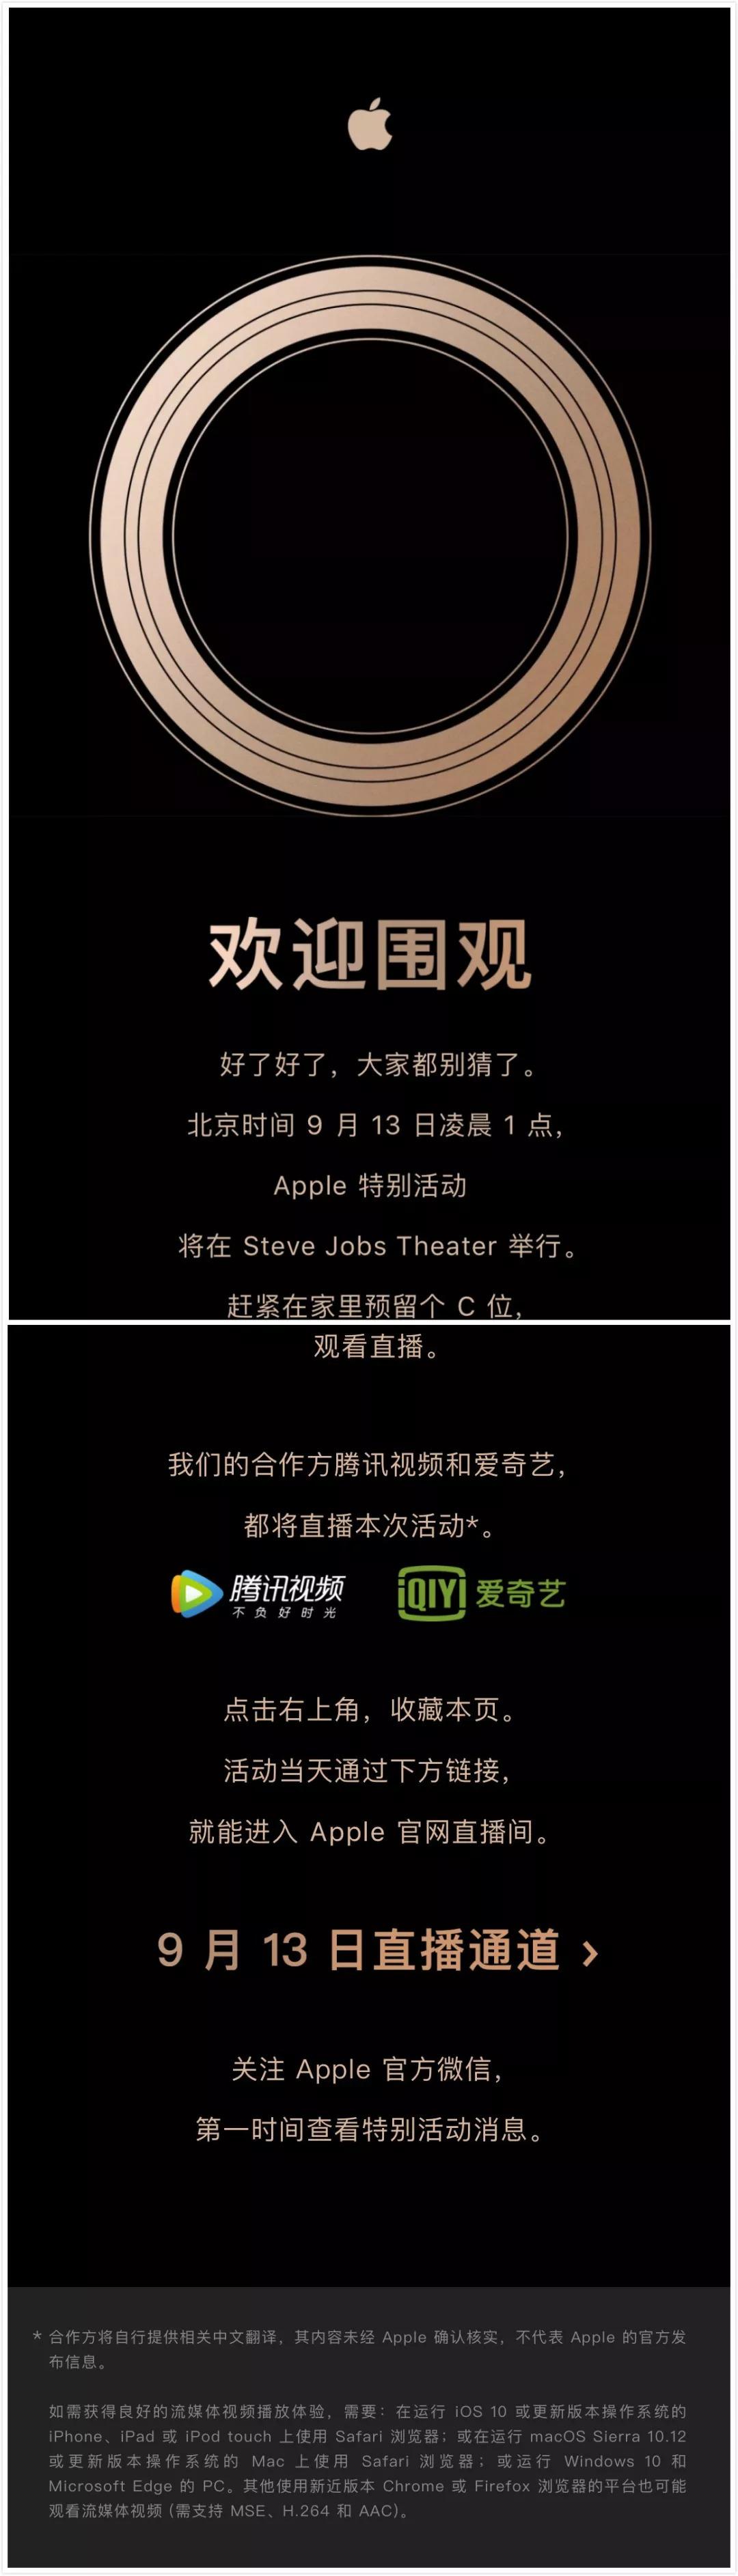 苹果正式发秋季发布会邀请函:9月12日乔布斯剧院图片